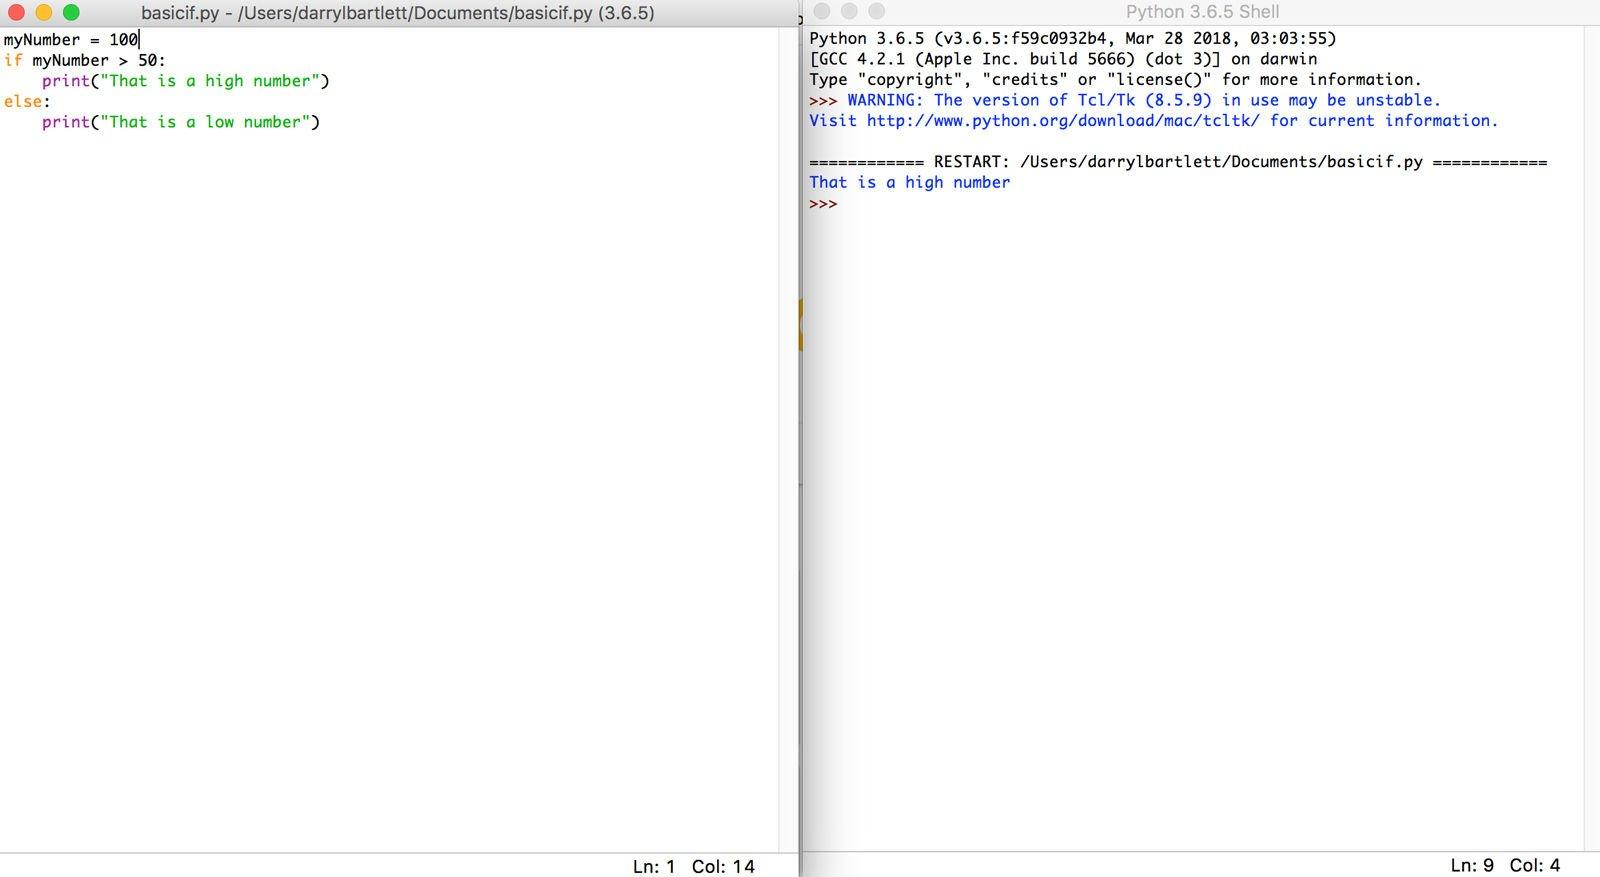 Cómo usar la codificación Python en Mac: Básico si